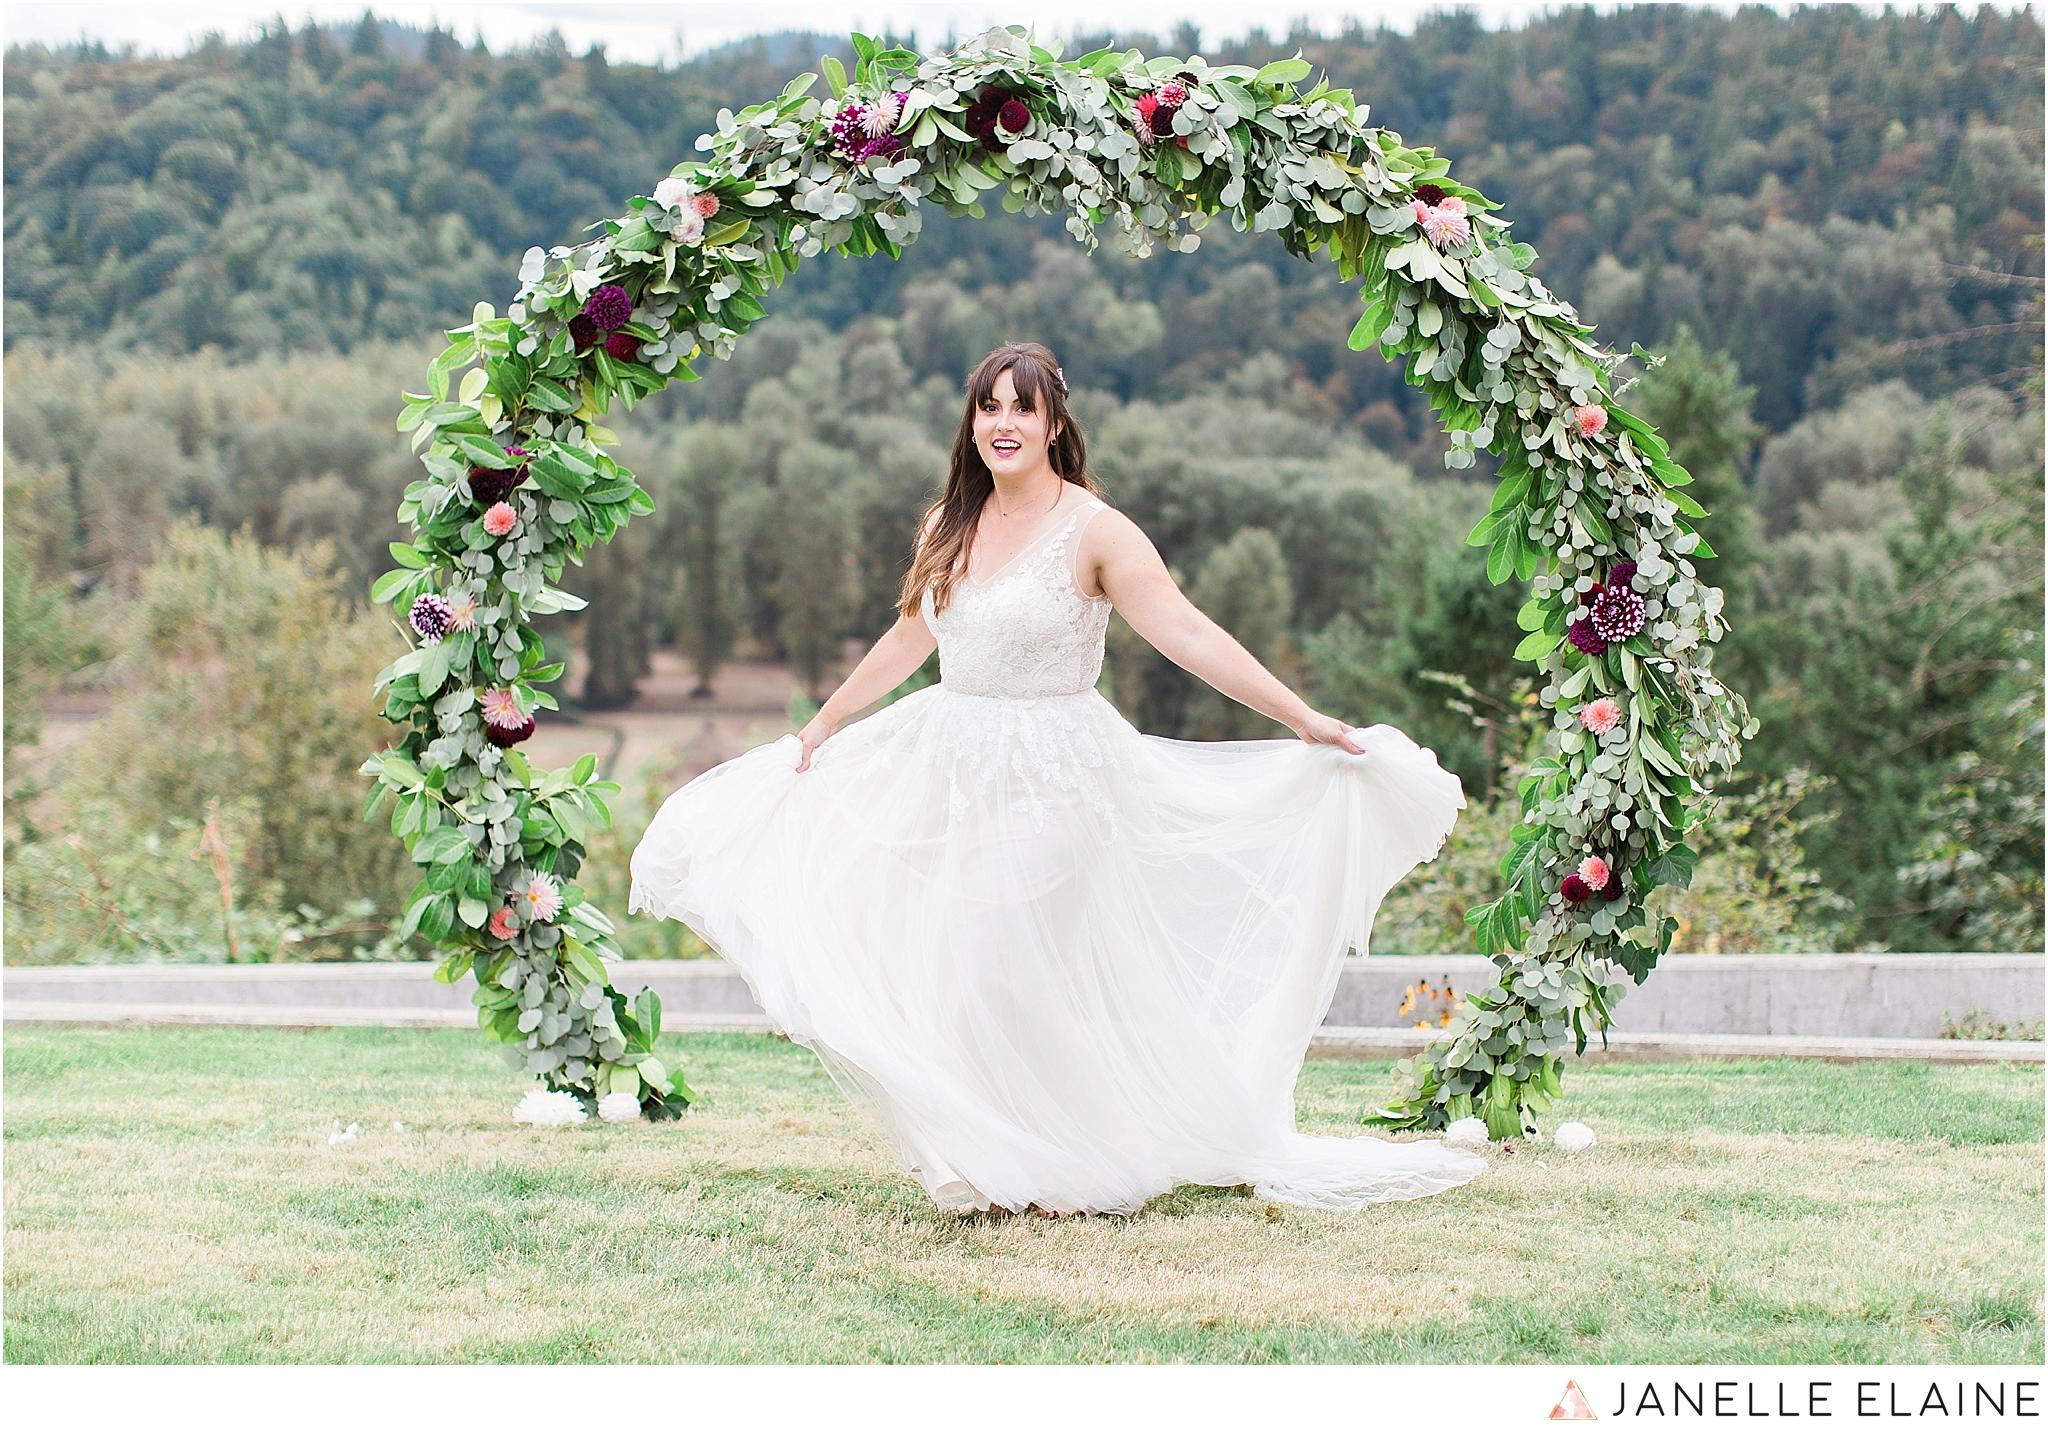 seattle-portrait-engagement-wedding-photographer-janelle-elaine-photography-32.jpg